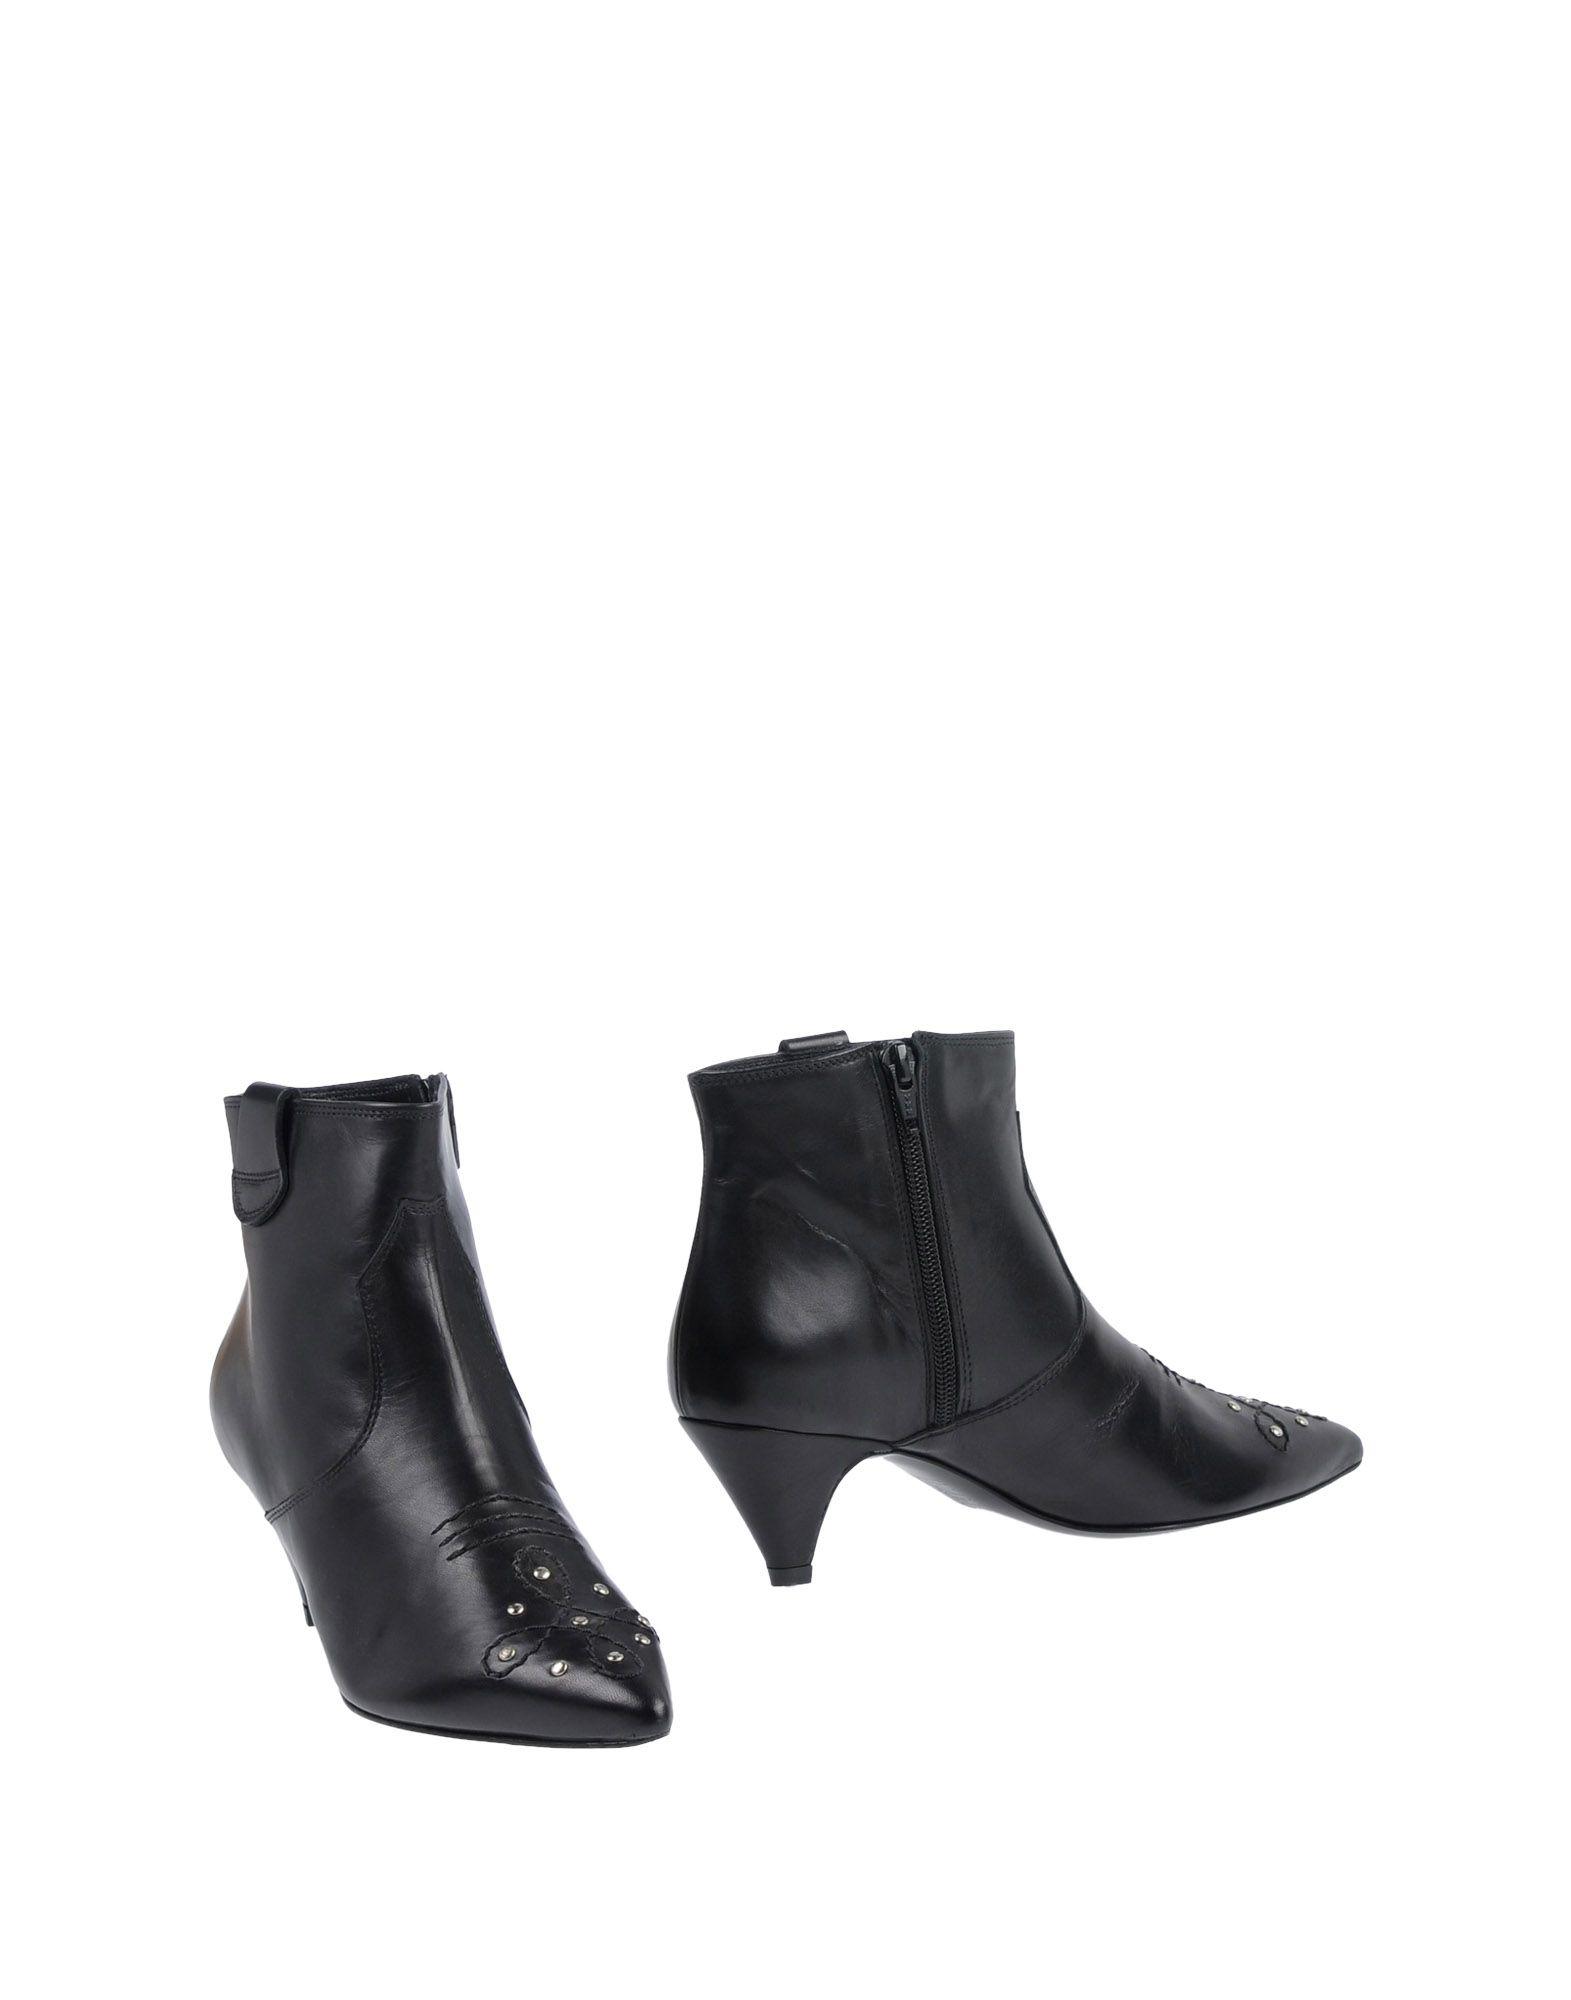 Gut um Isabella billige Schuhe zu tragenIslo Isabella um Lorusso Stiefelette Damen  11471727BO 9a86ae